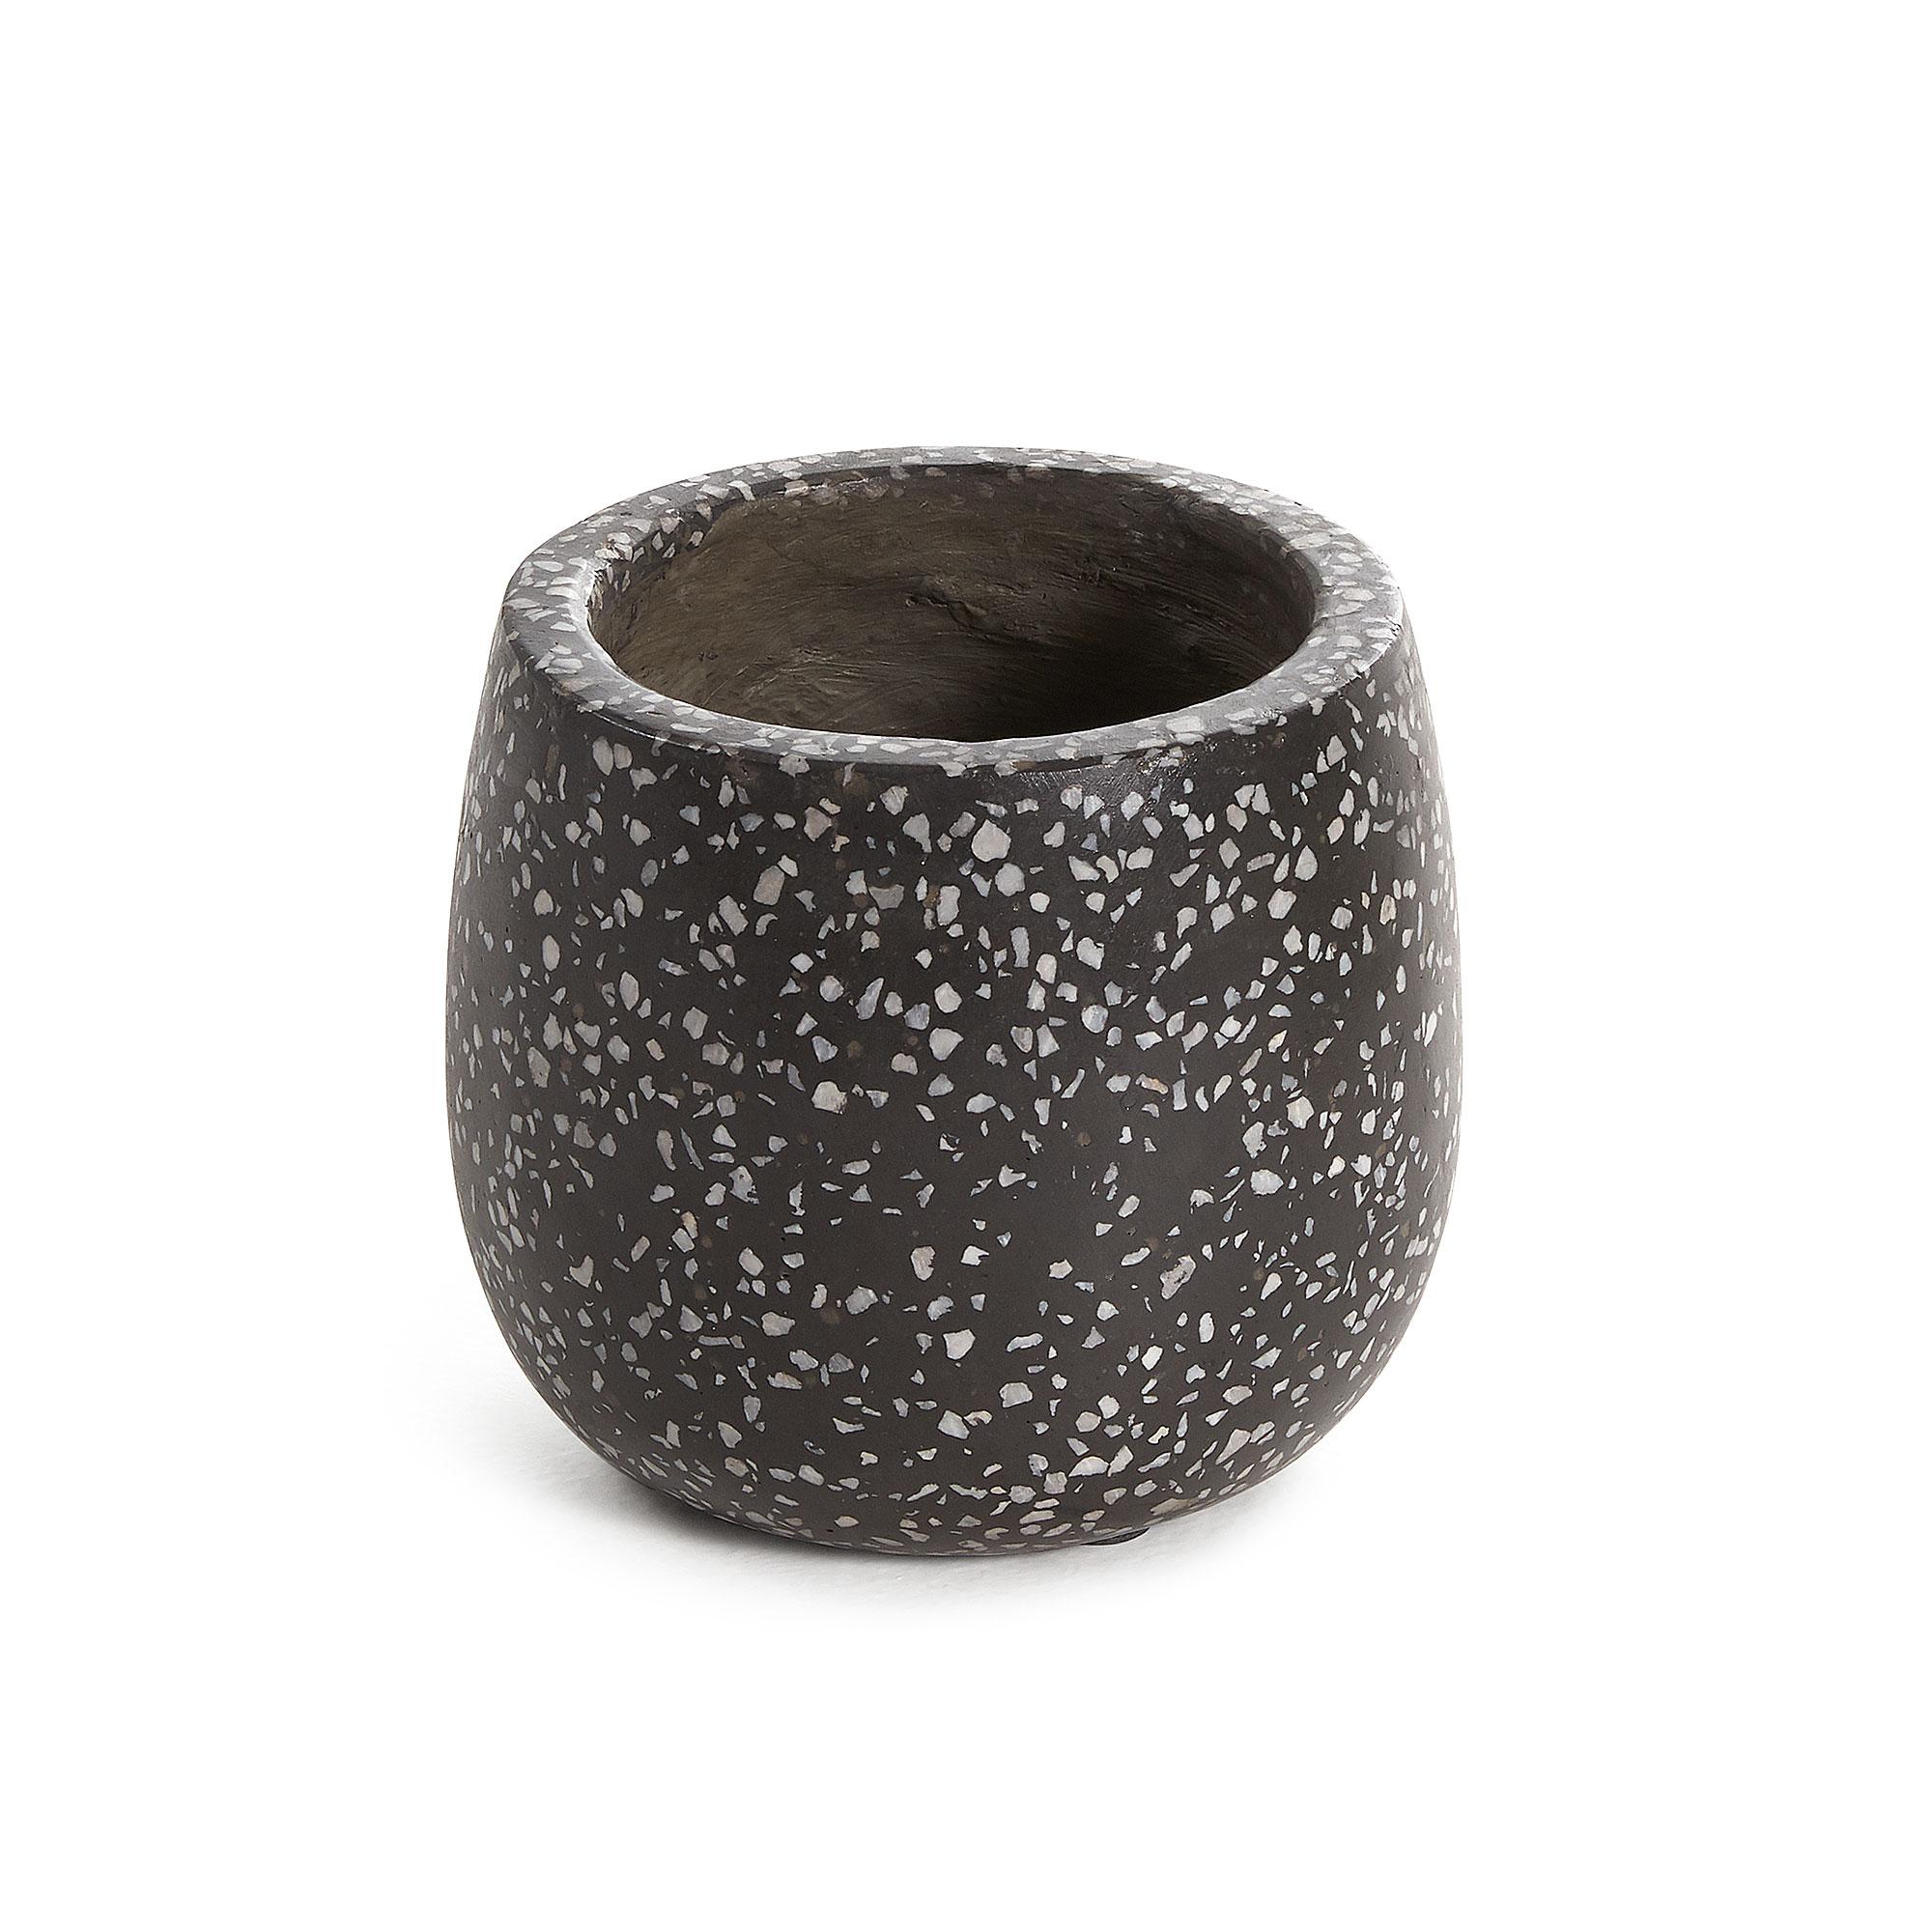 Kave home - pot de fleurs braydon noir